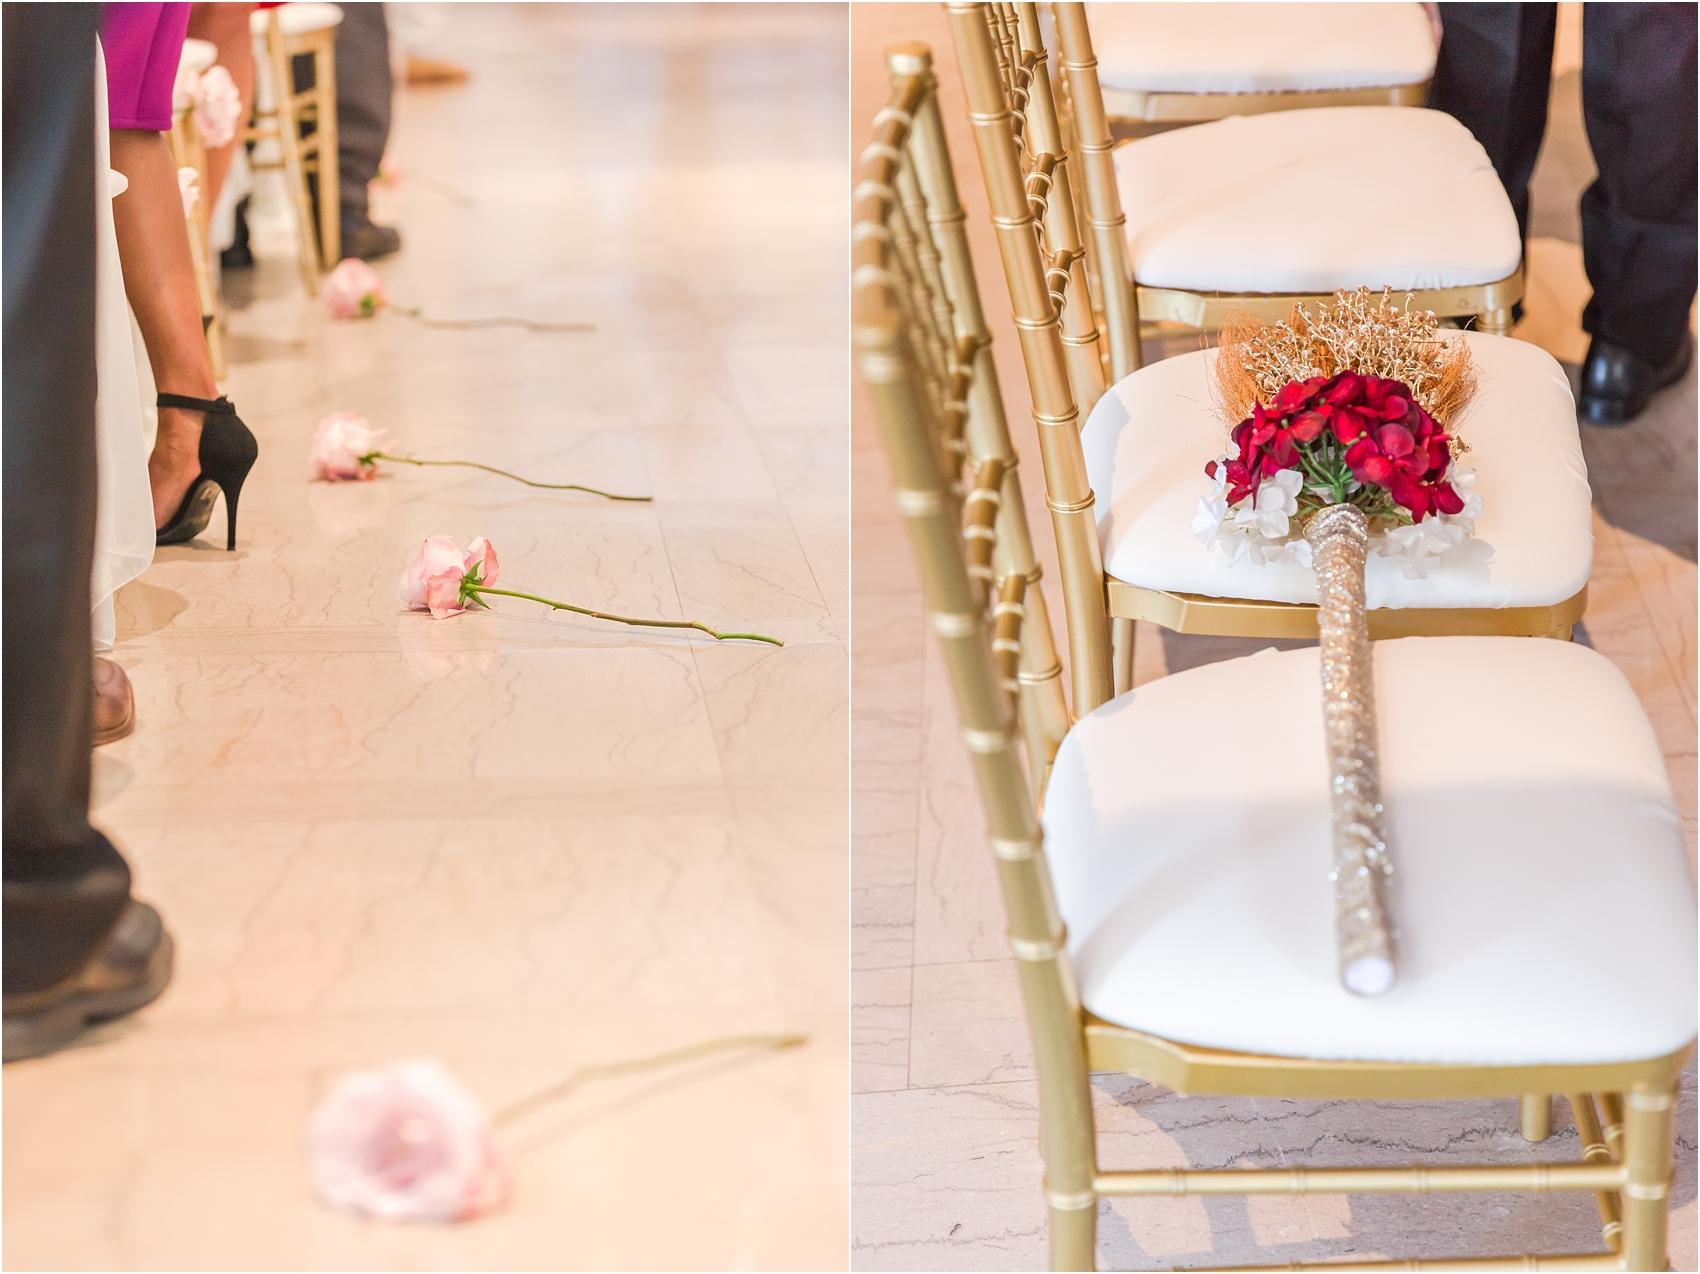 minimalist-and-modern-wedding-photos-at-30-north-saginaw-in-pontiac-michigan-by-courtney-carolyn-photography_0036.jpg